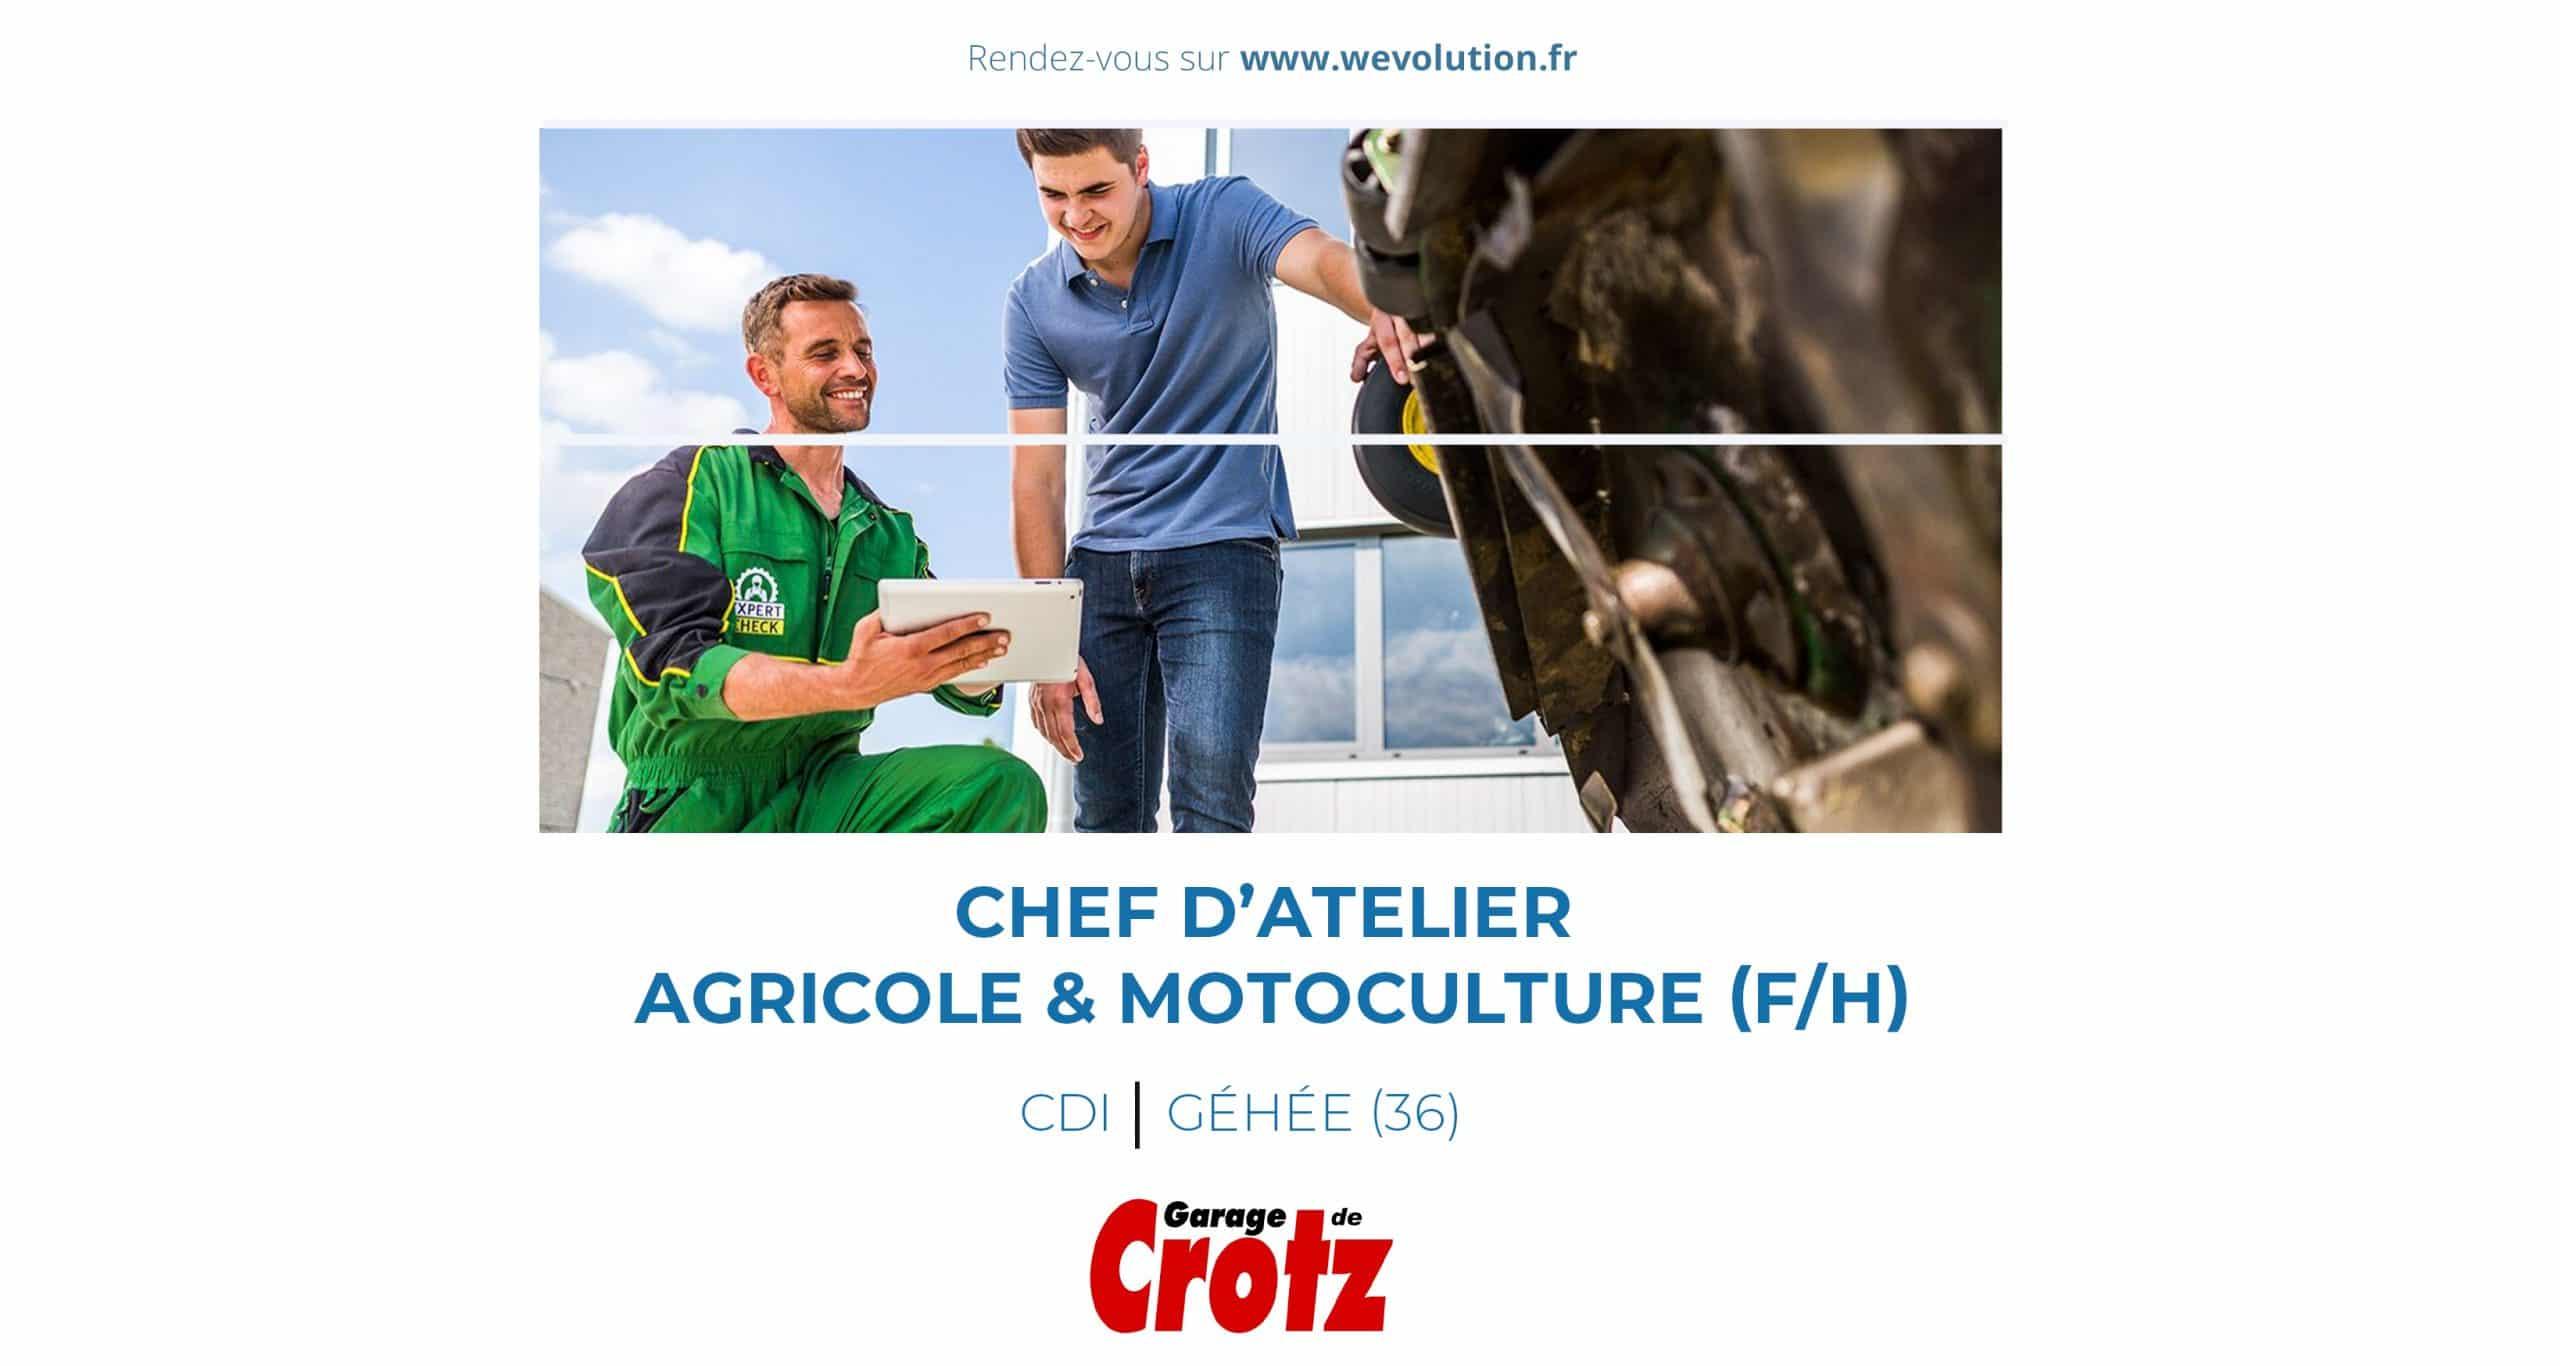 CHEF D'ATELIER AGRICOLE & MOTOCULTURE – GARAGE DE CROTZ